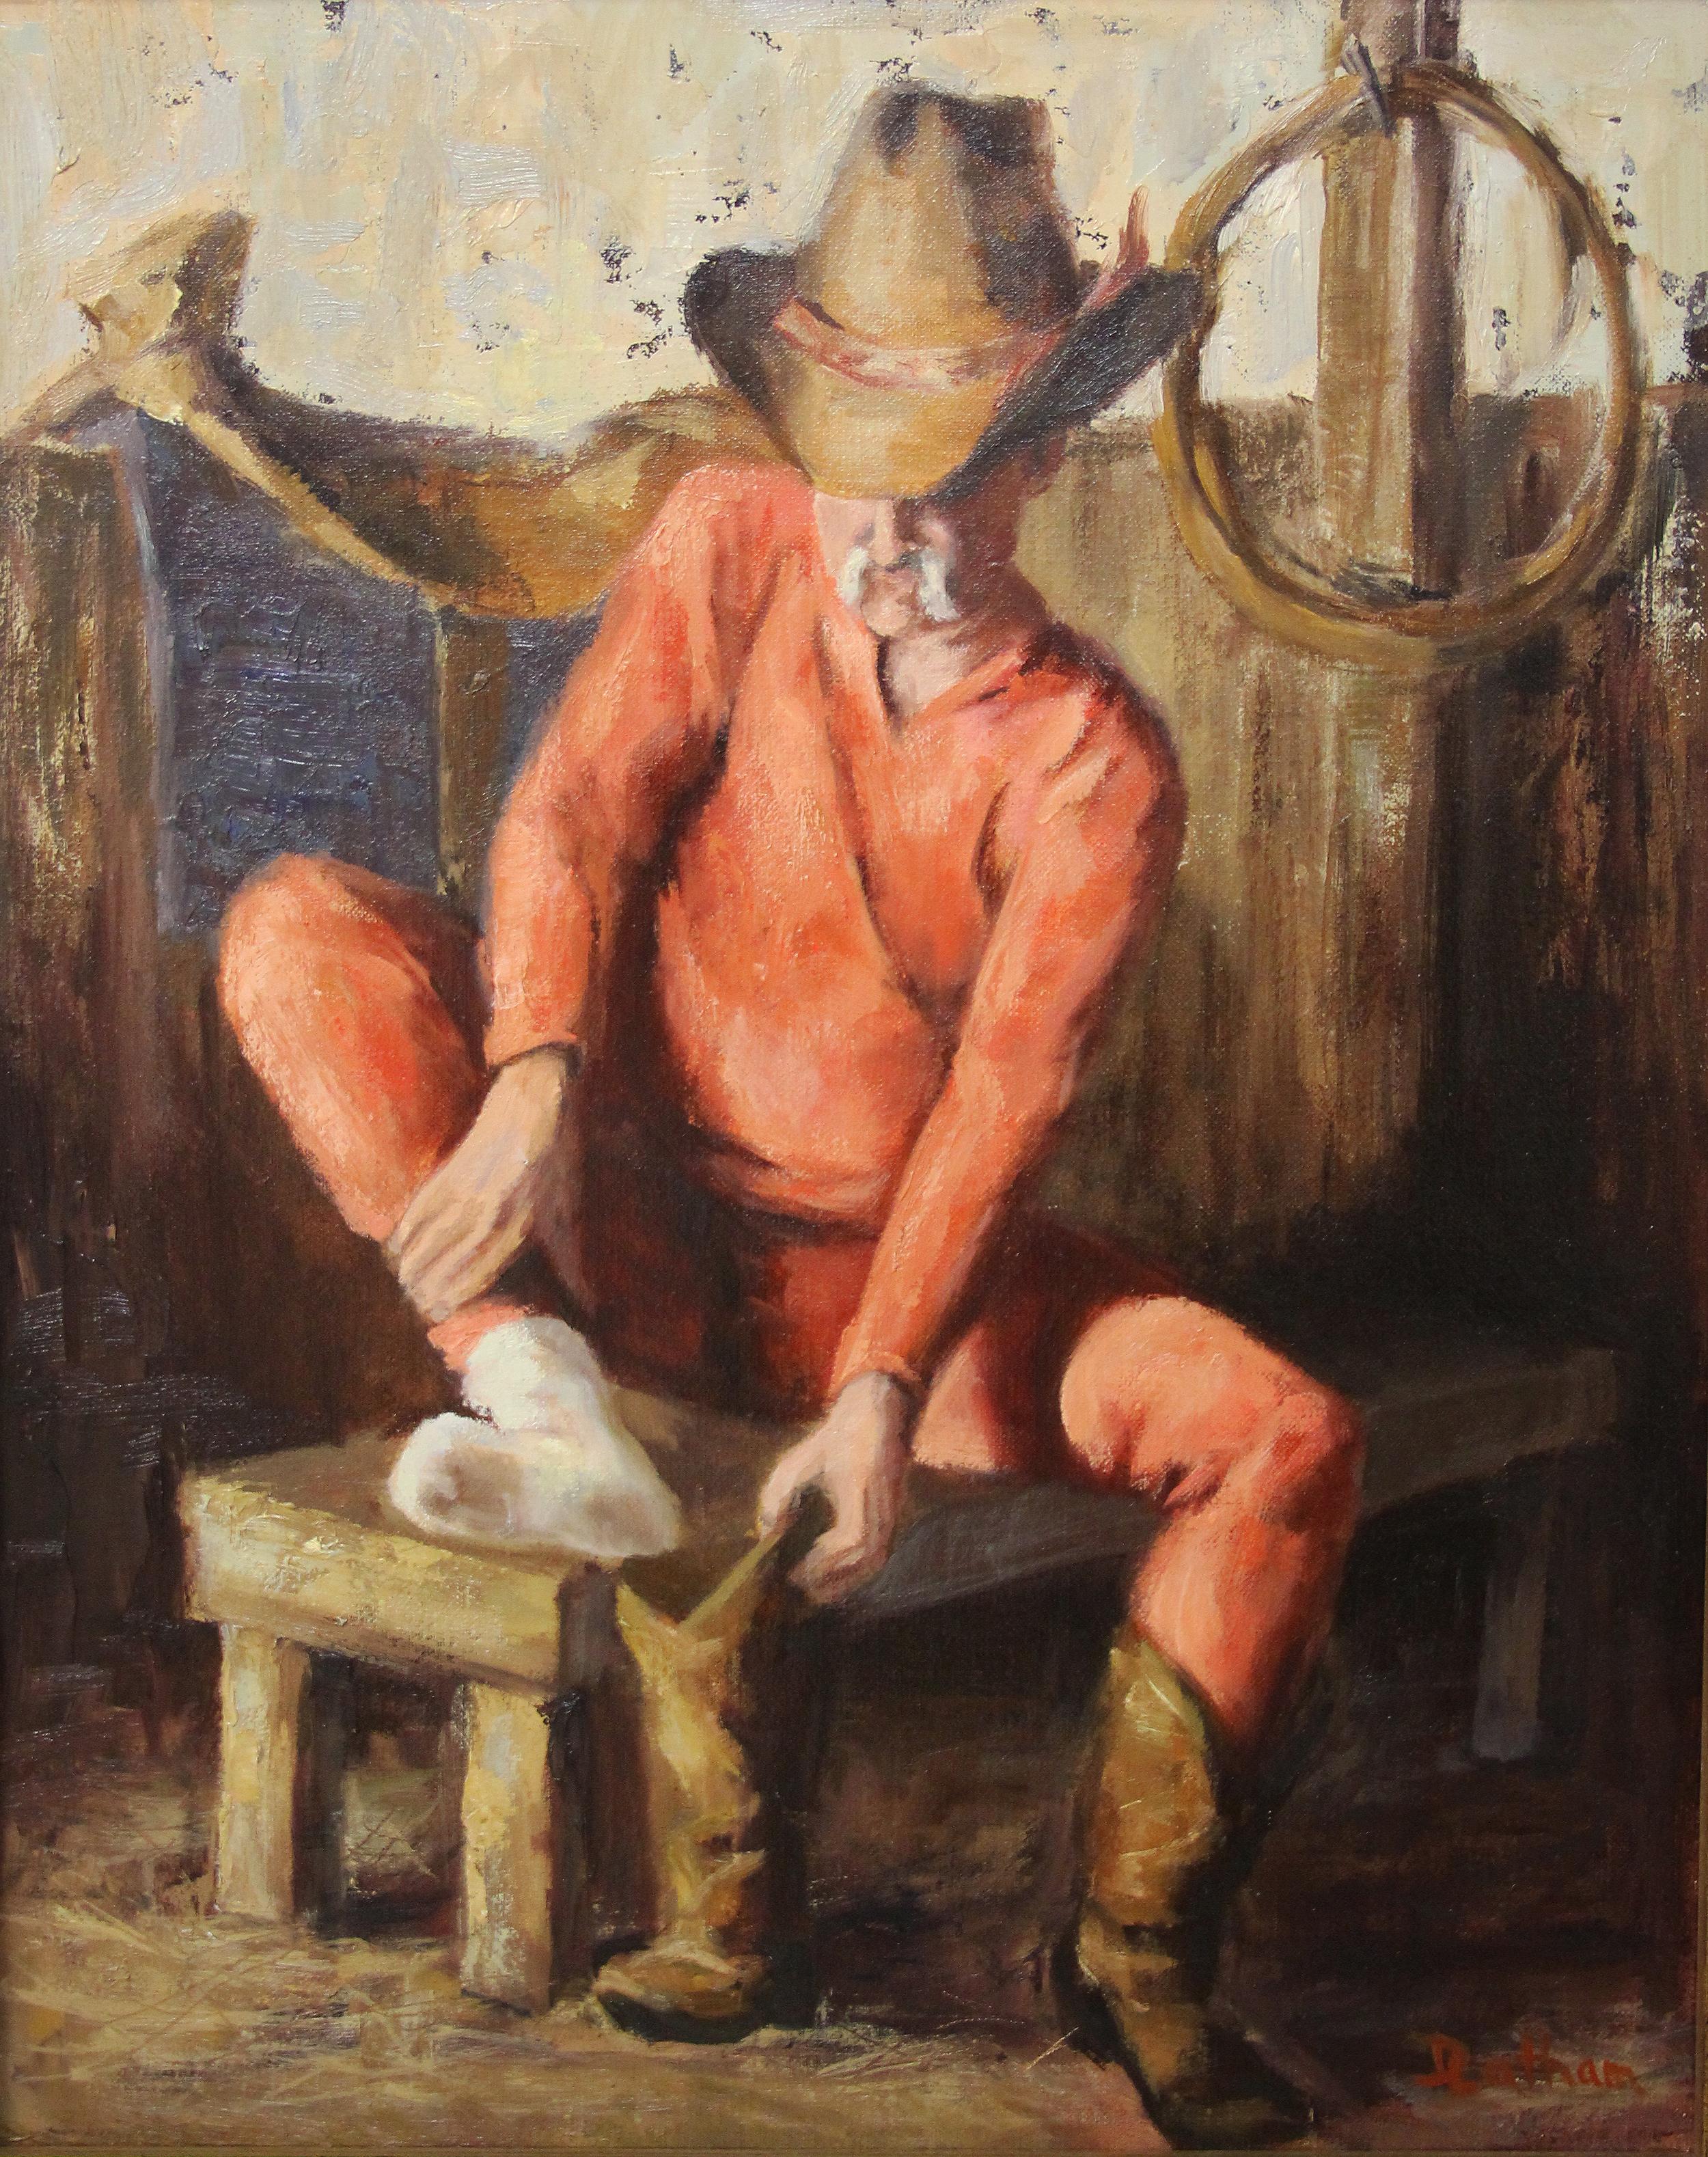 Debra Latham  Long John  Oil on Linen  20X16  SOLD